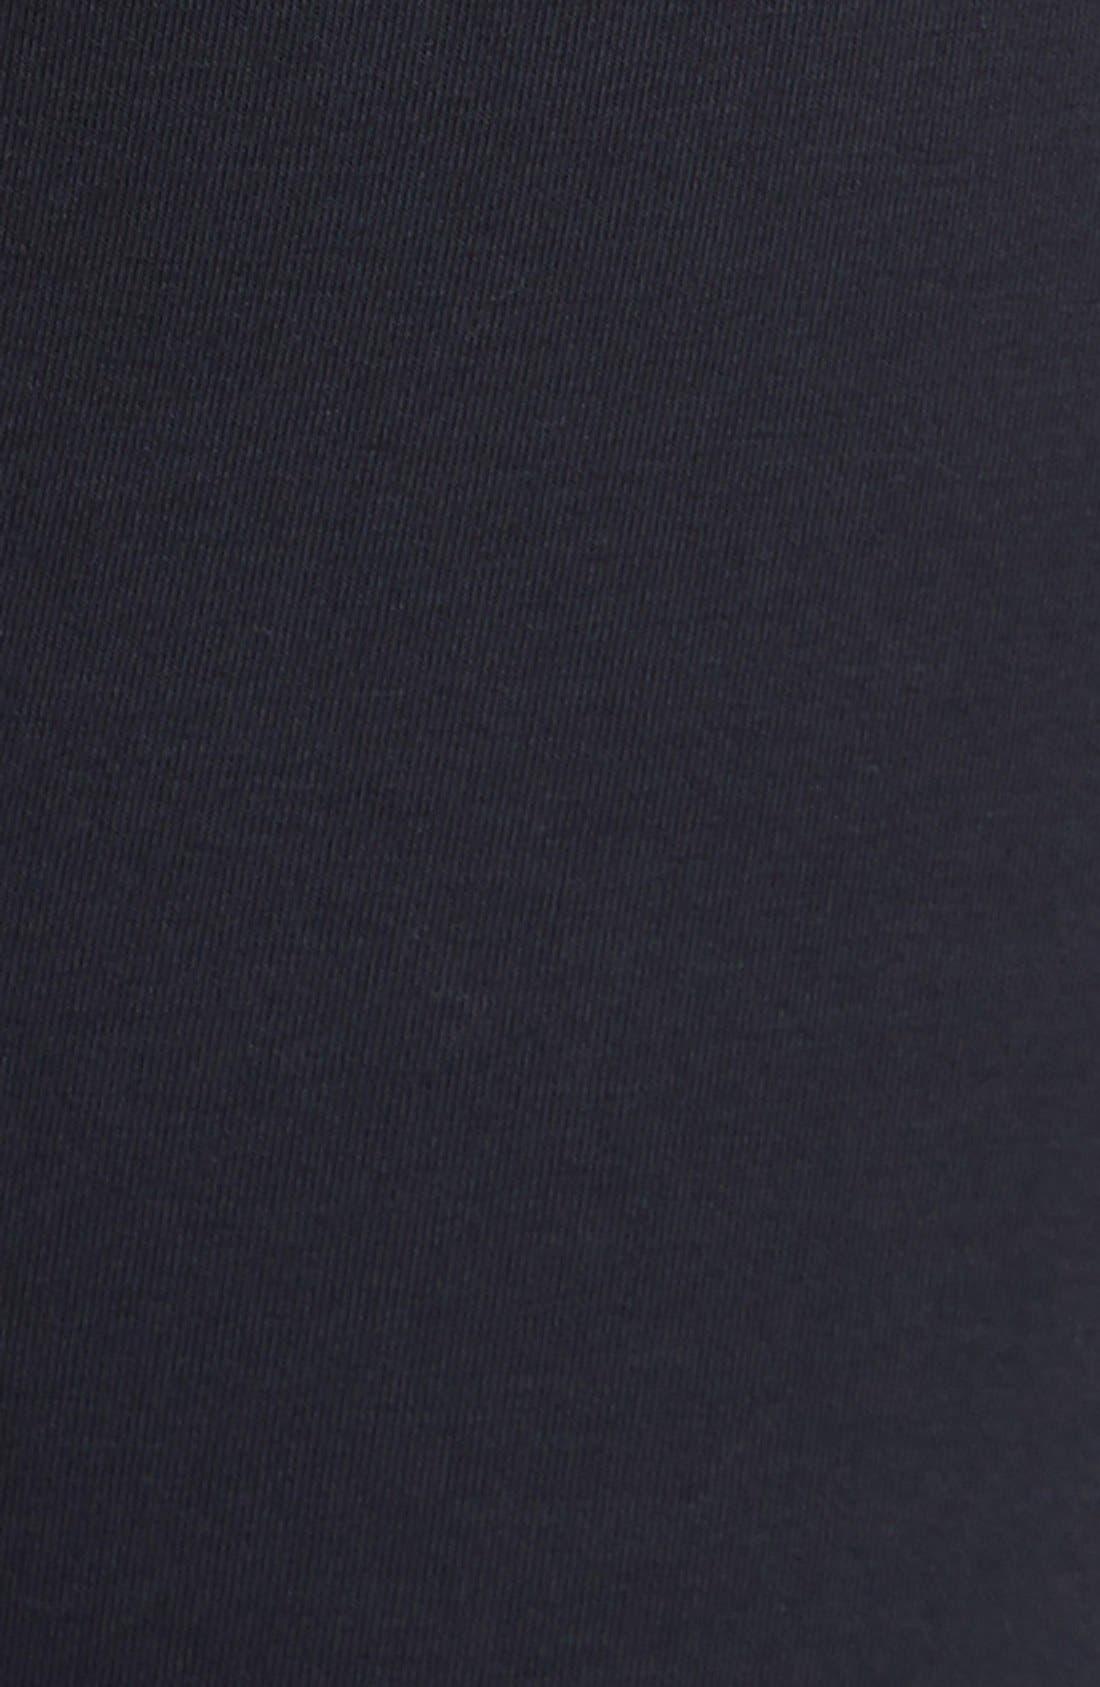 Alternate Image 3  - MICHAEL Michael Kors Foldover Waist Leggings